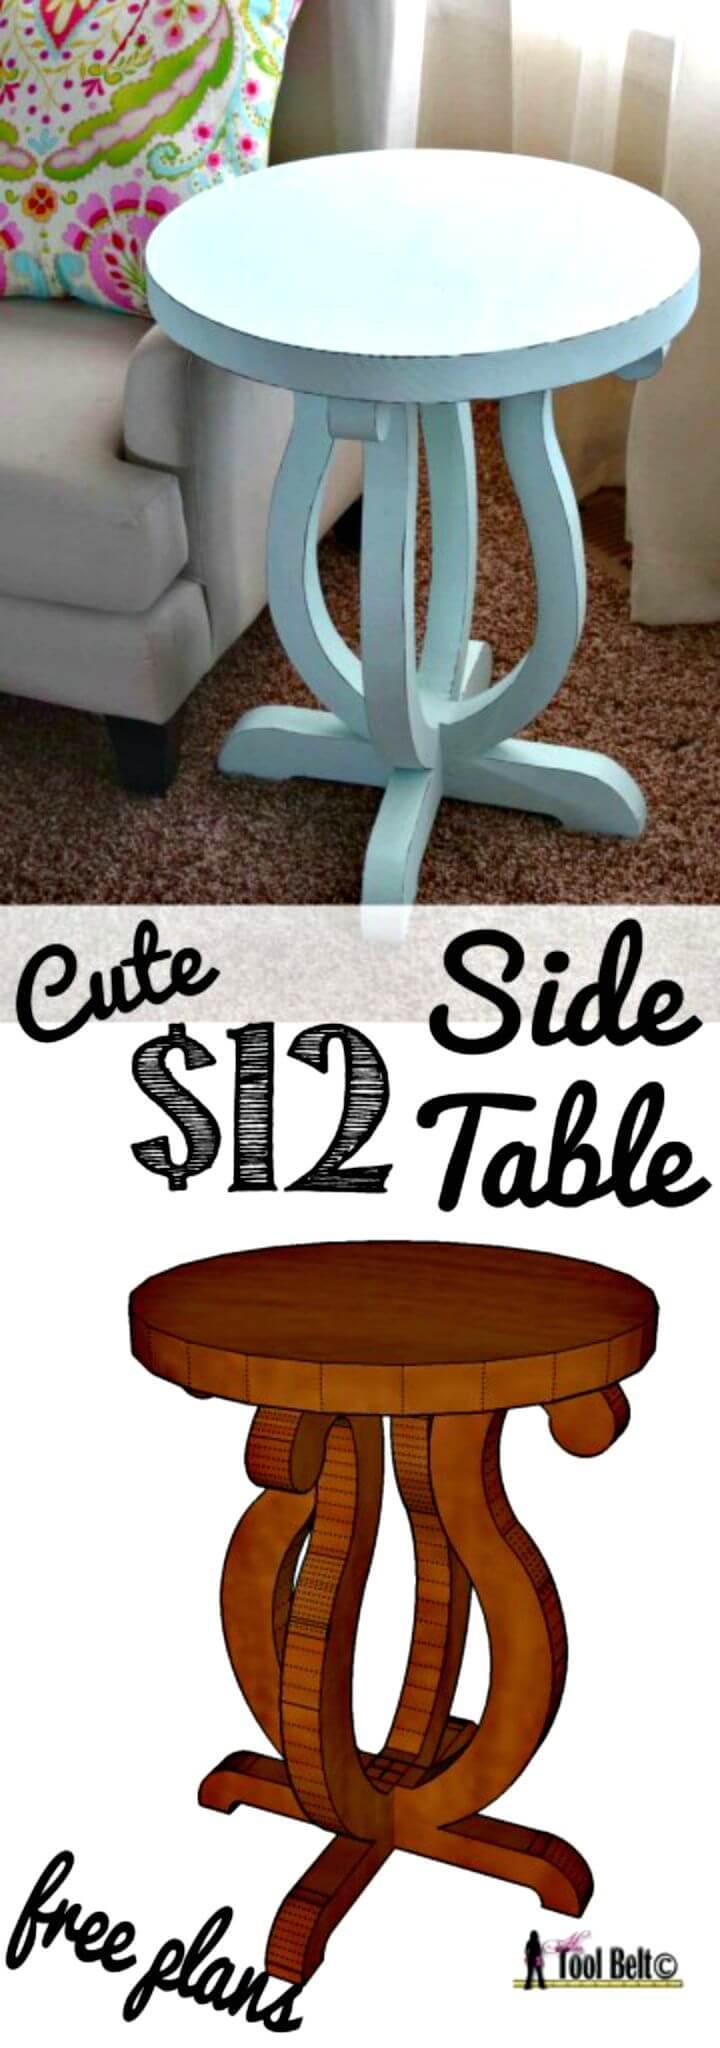 Tutorial de mesa auxiliar con curvas de bricolaje por menos de 12 $